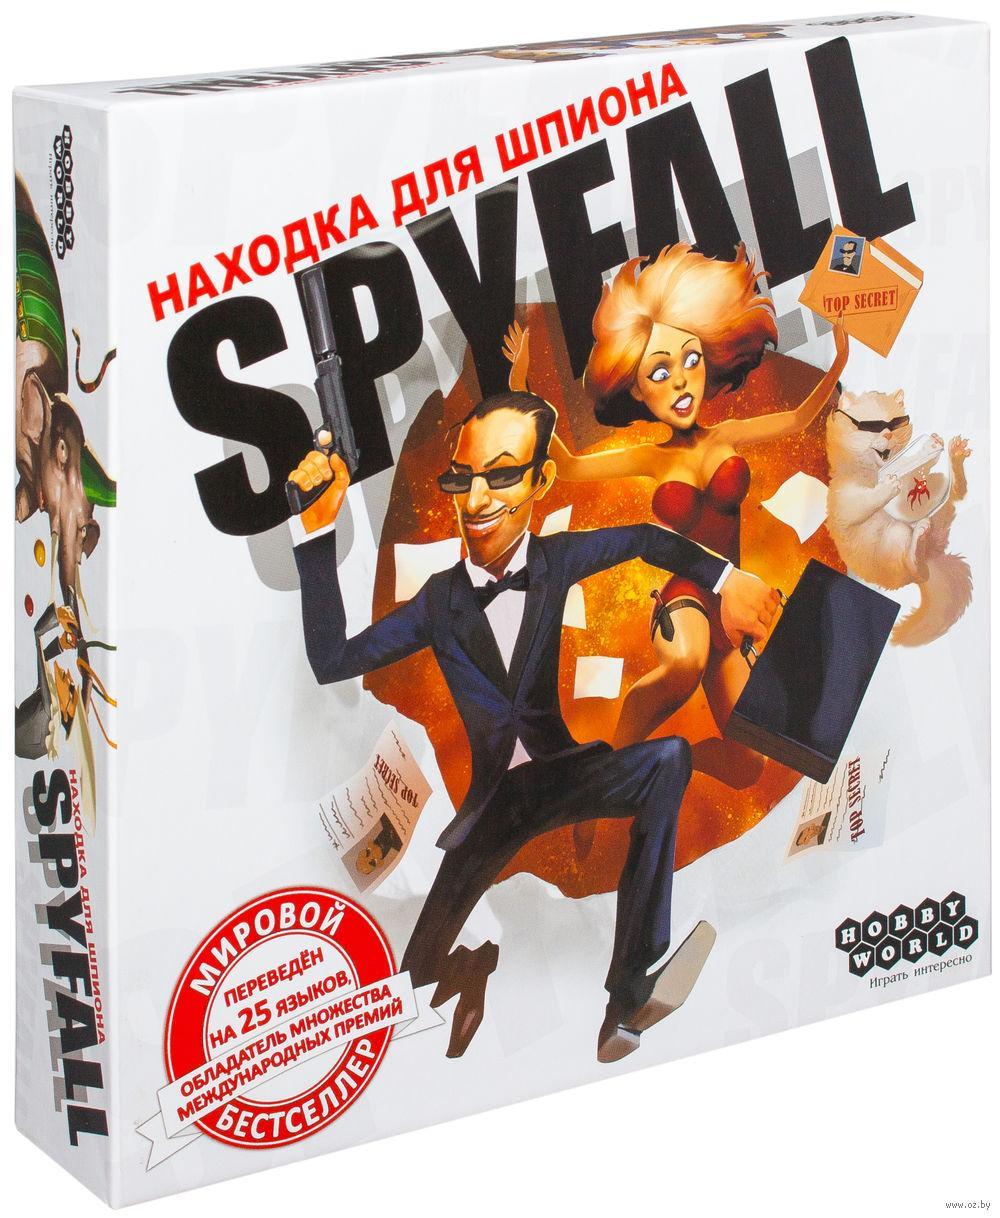 Настольная игра Находка для шпиона / Spyfall (2-е рус. изд.) TM Hobby World